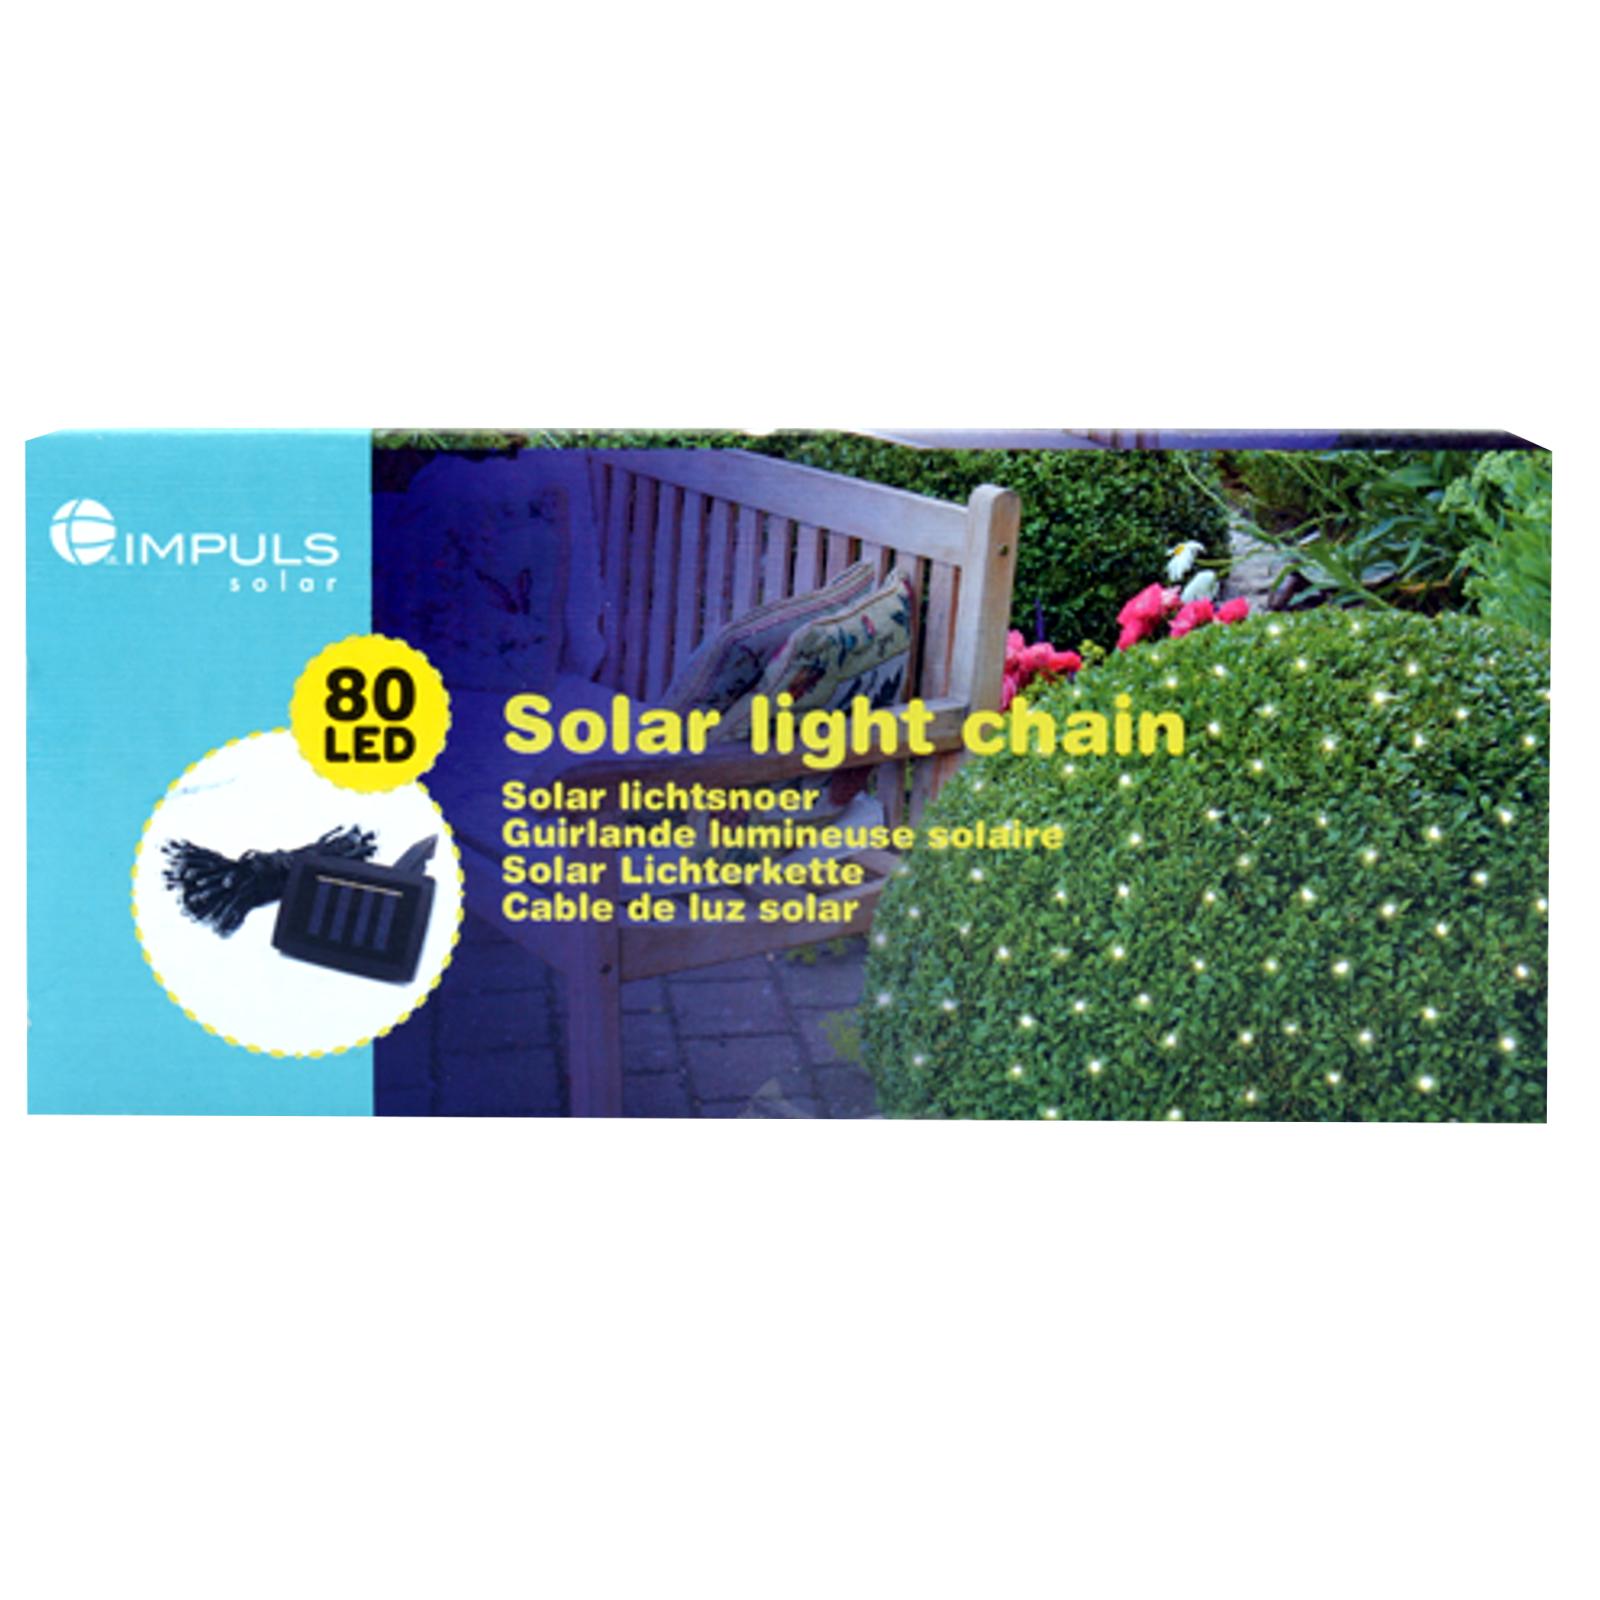 80 led solarlichterkette licht sommer au enbeleuchtung lichterkette garten ebay. Black Bedroom Furniture Sets. Home Design Ideas